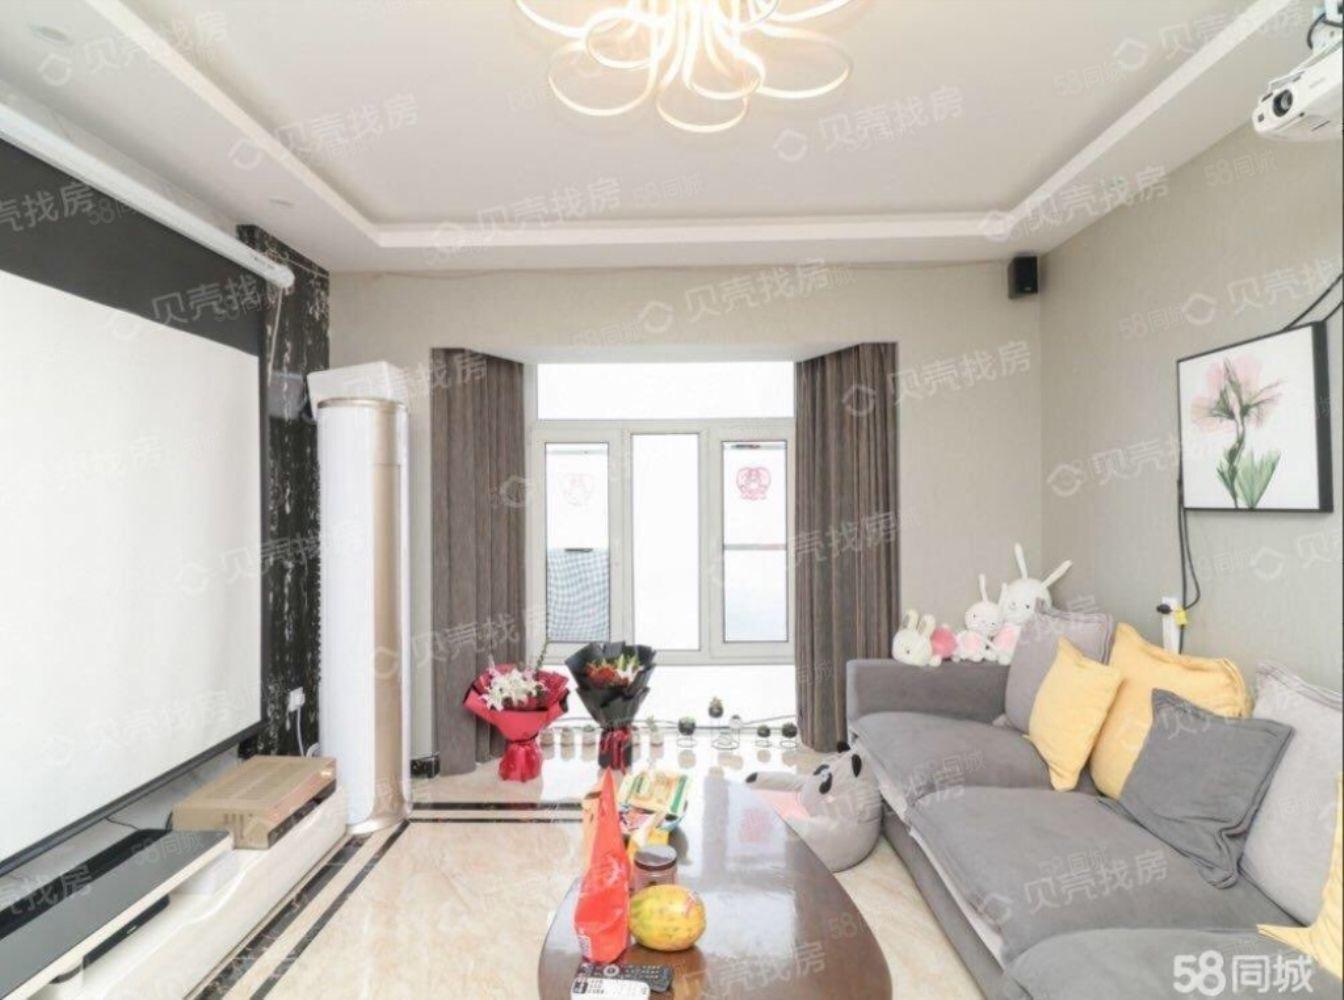 真实有效,东方太阳城107平精装两室两厅,高层,布局温馨